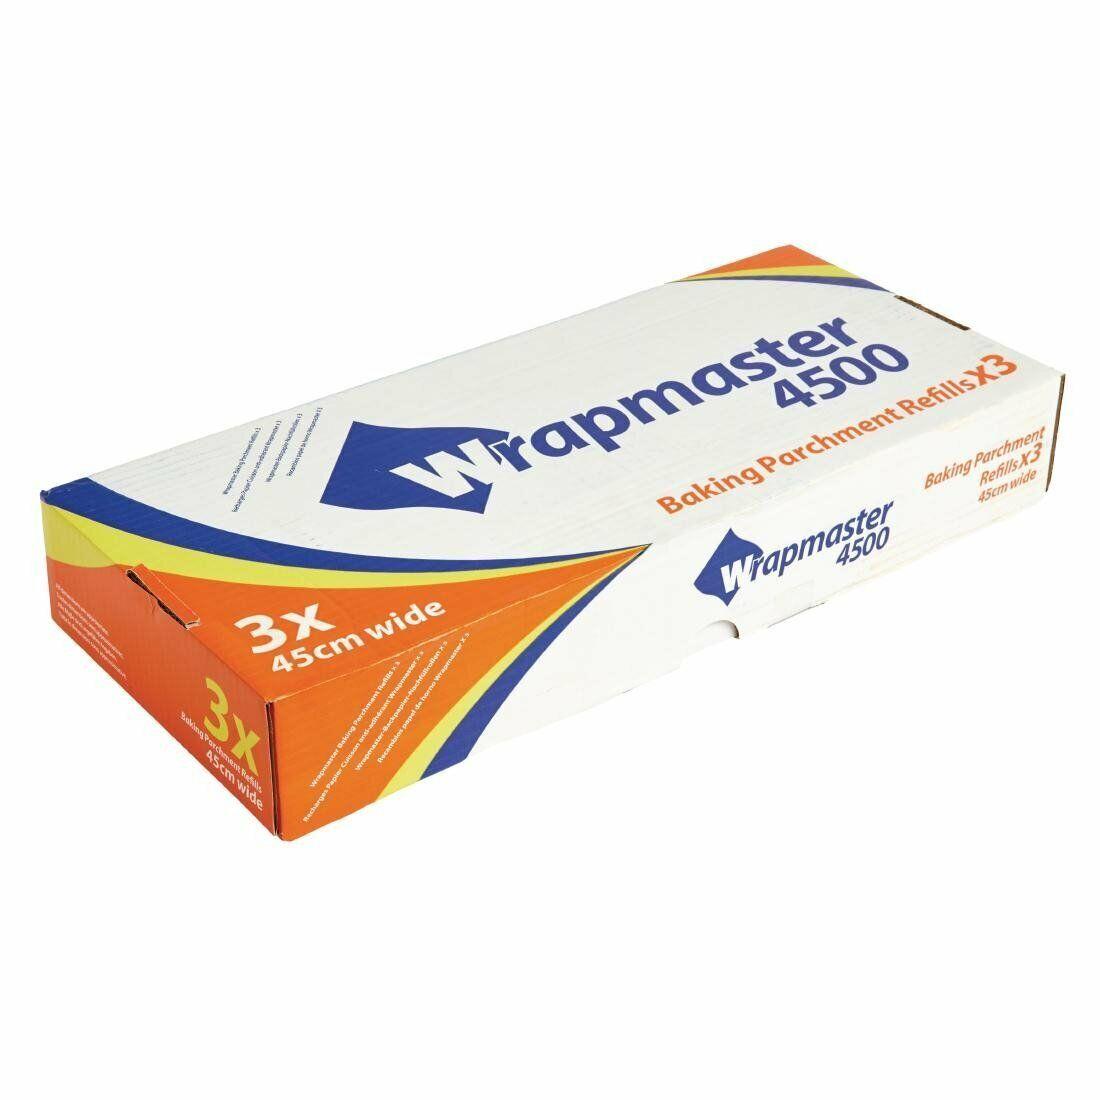 """Wrapmaster 4500 Baking Parchment 45cm X 50mtrs Refills 8WBP18 Parchment 18/"""""""